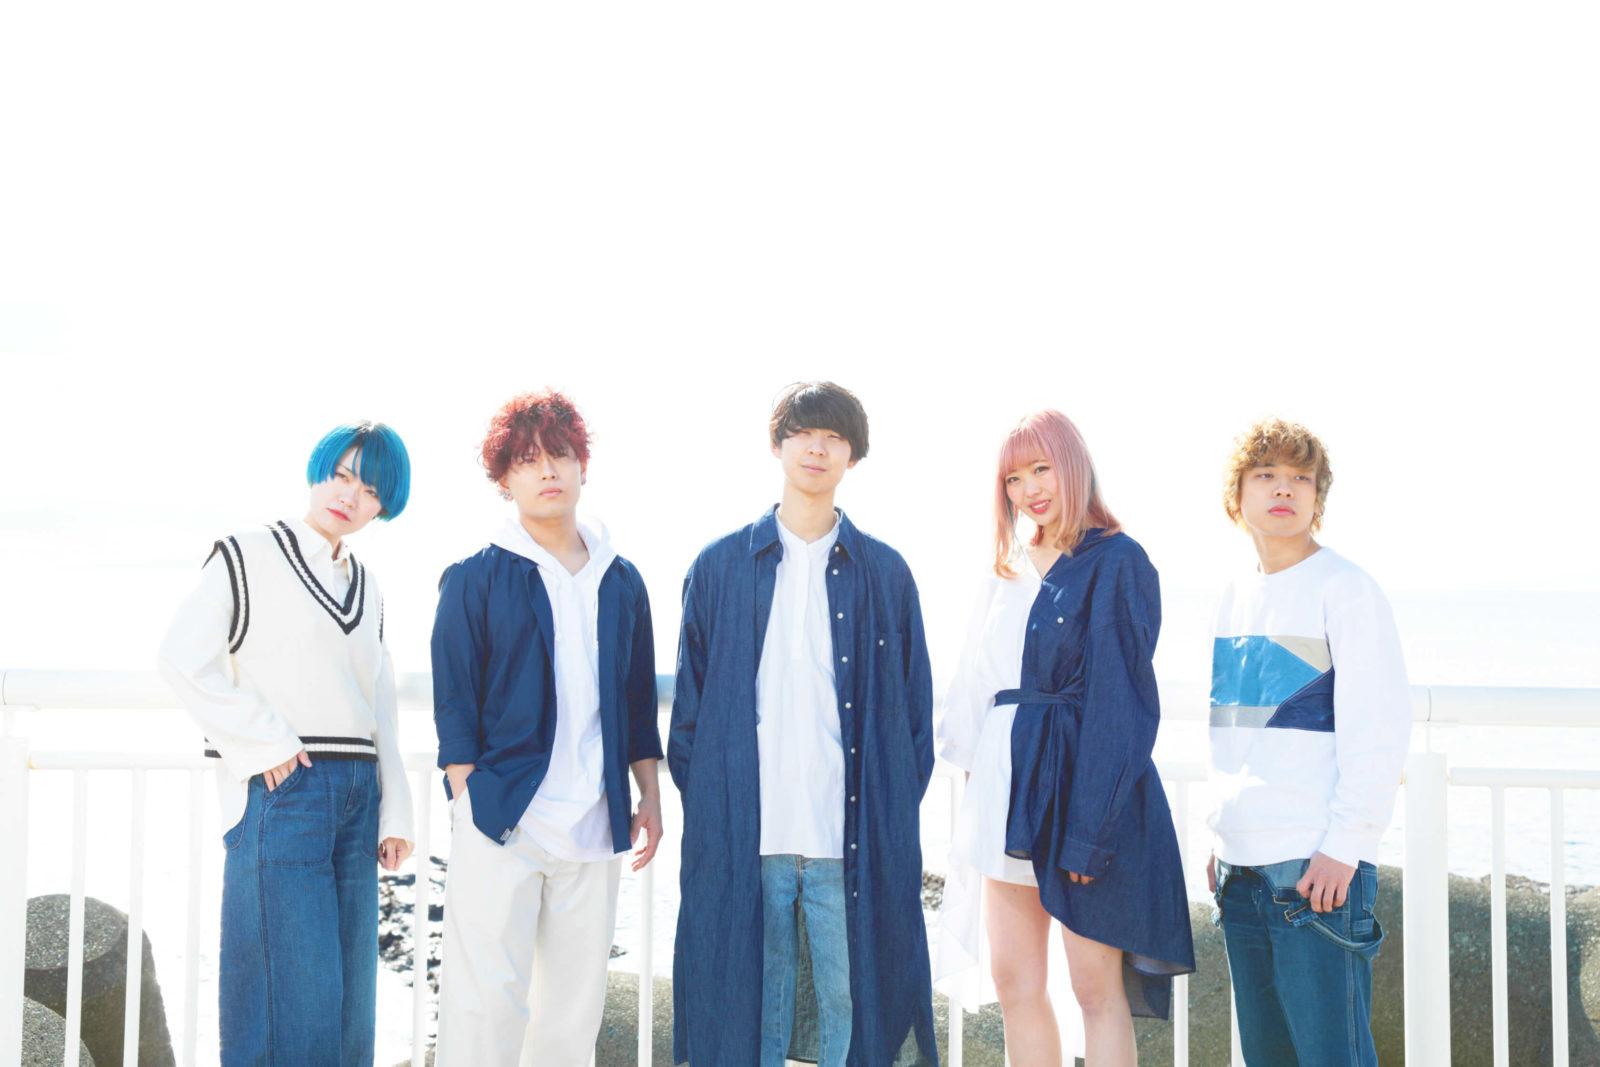 下北沢発ピアノロックバンド『フィルフリーク』、アルバムリリースツアーを発表サムネイル画像!